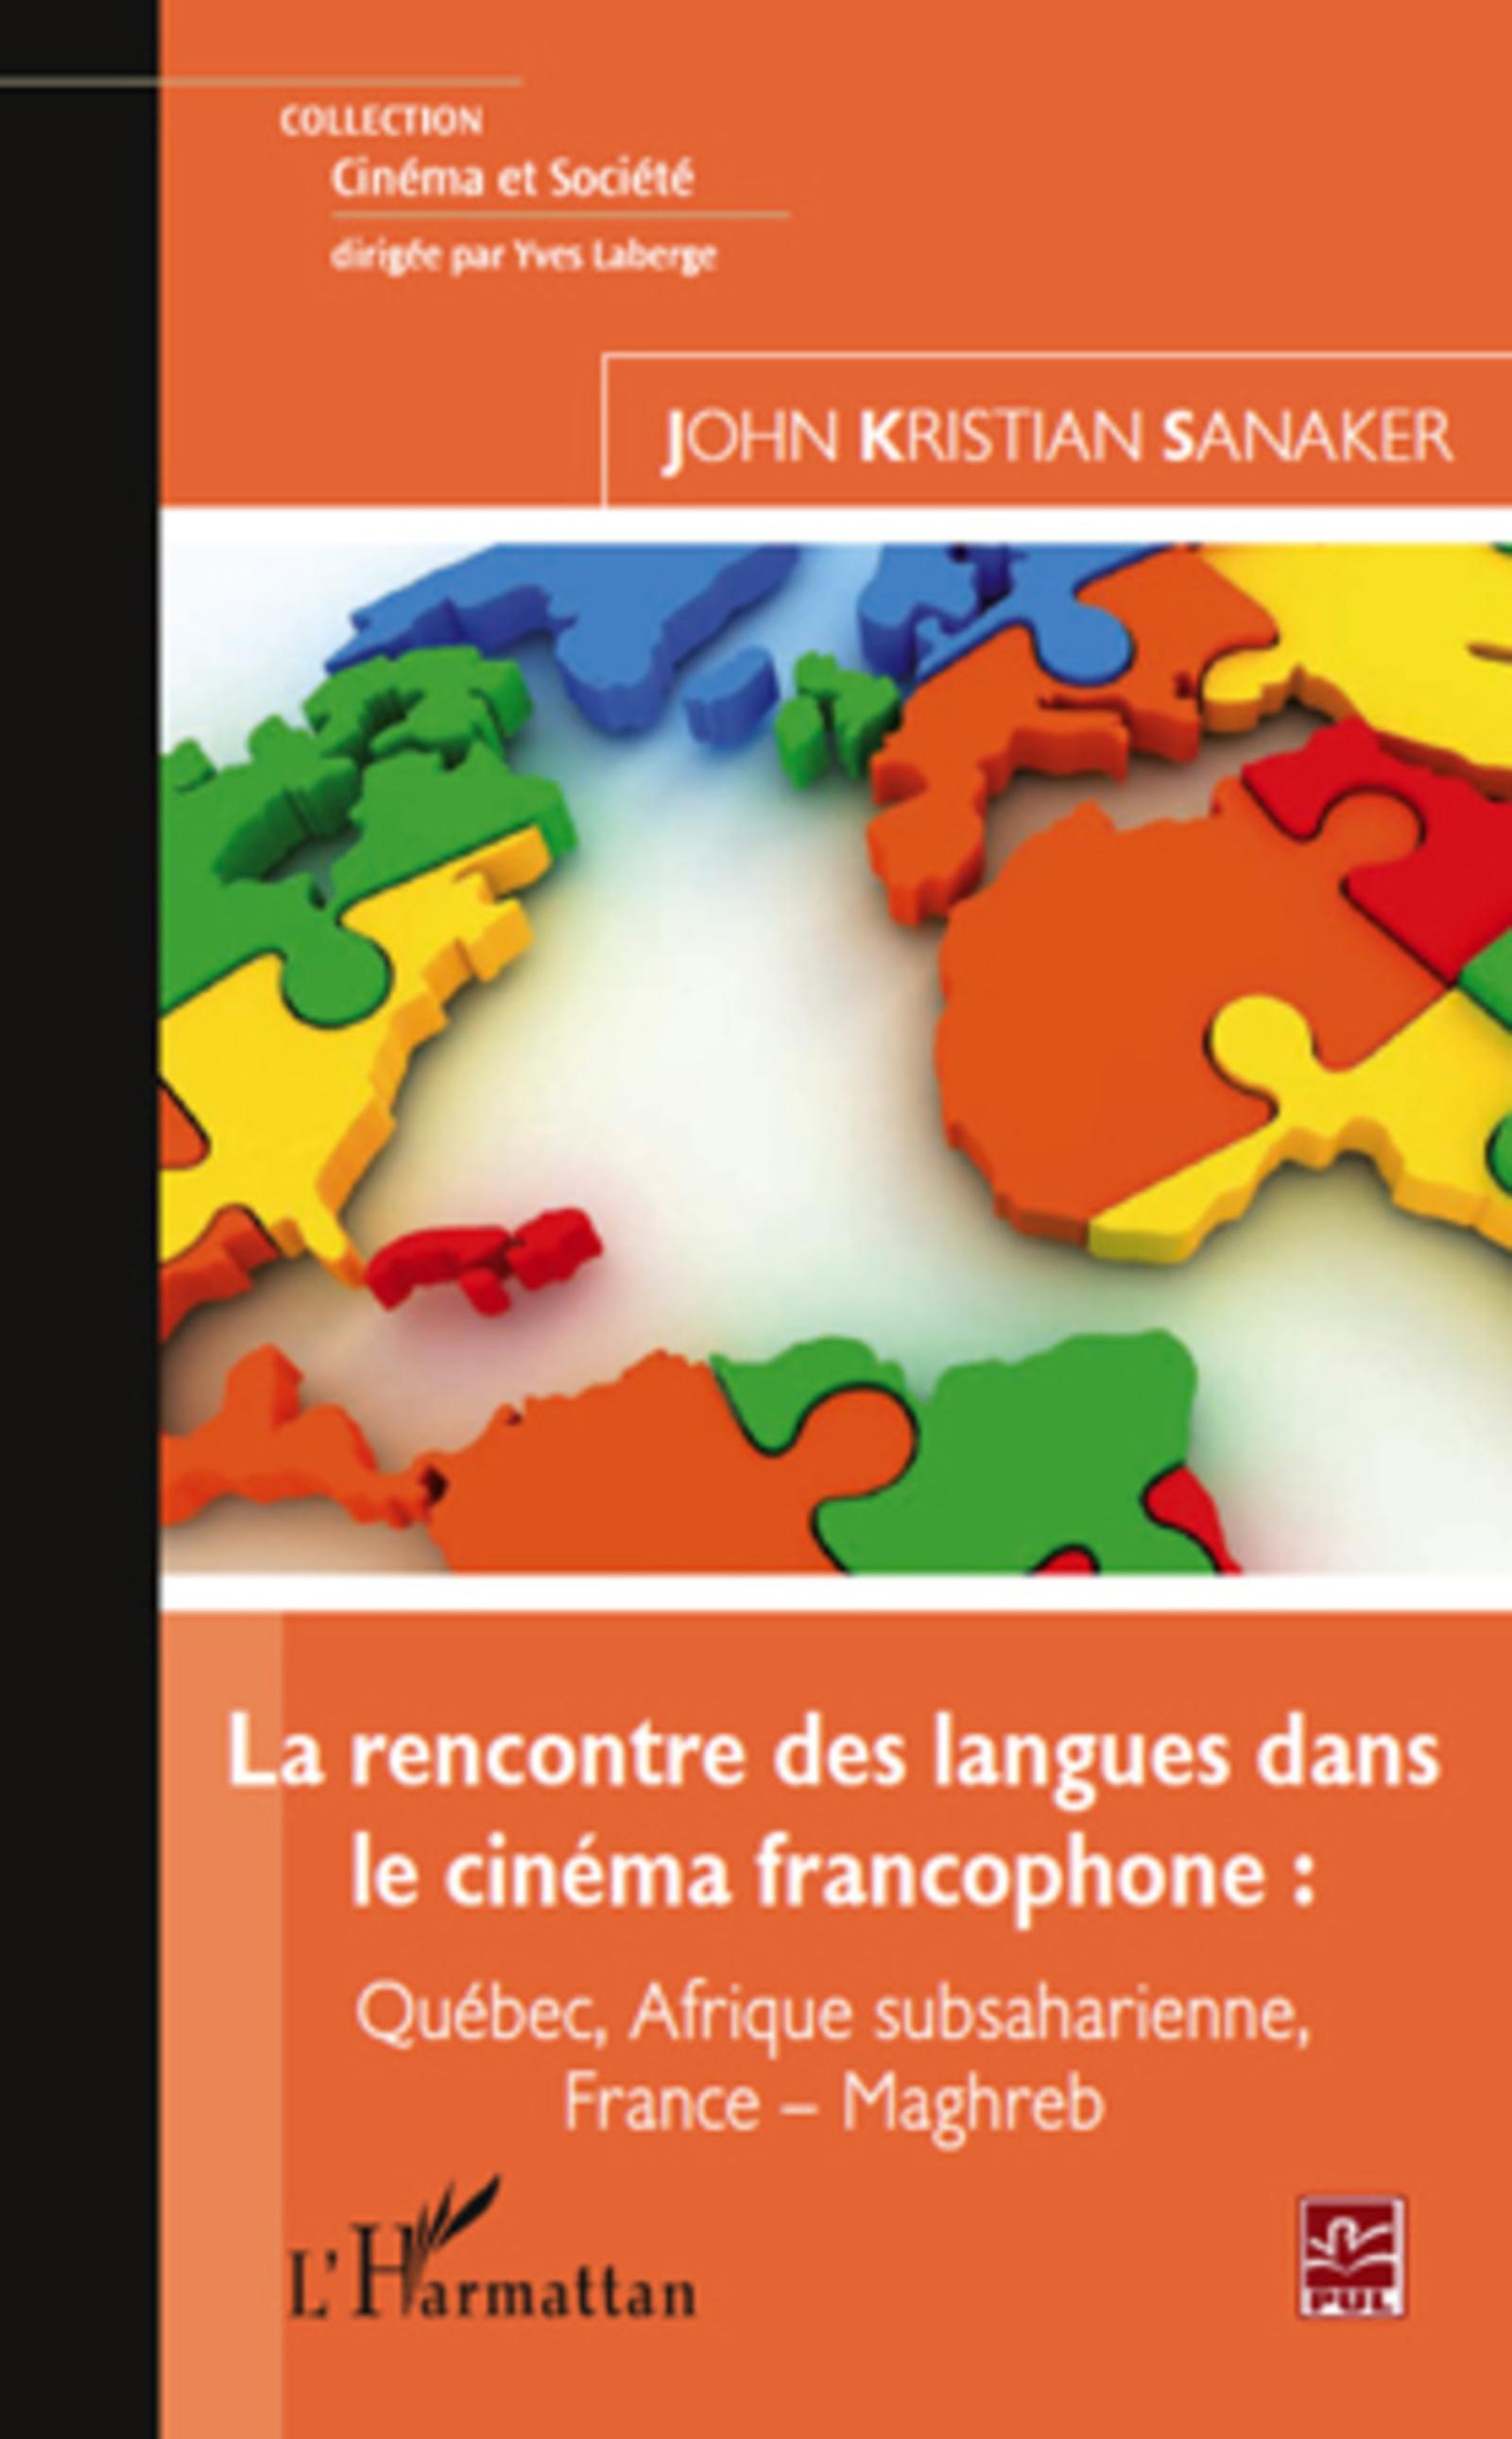 Rencontre francophone en afrique